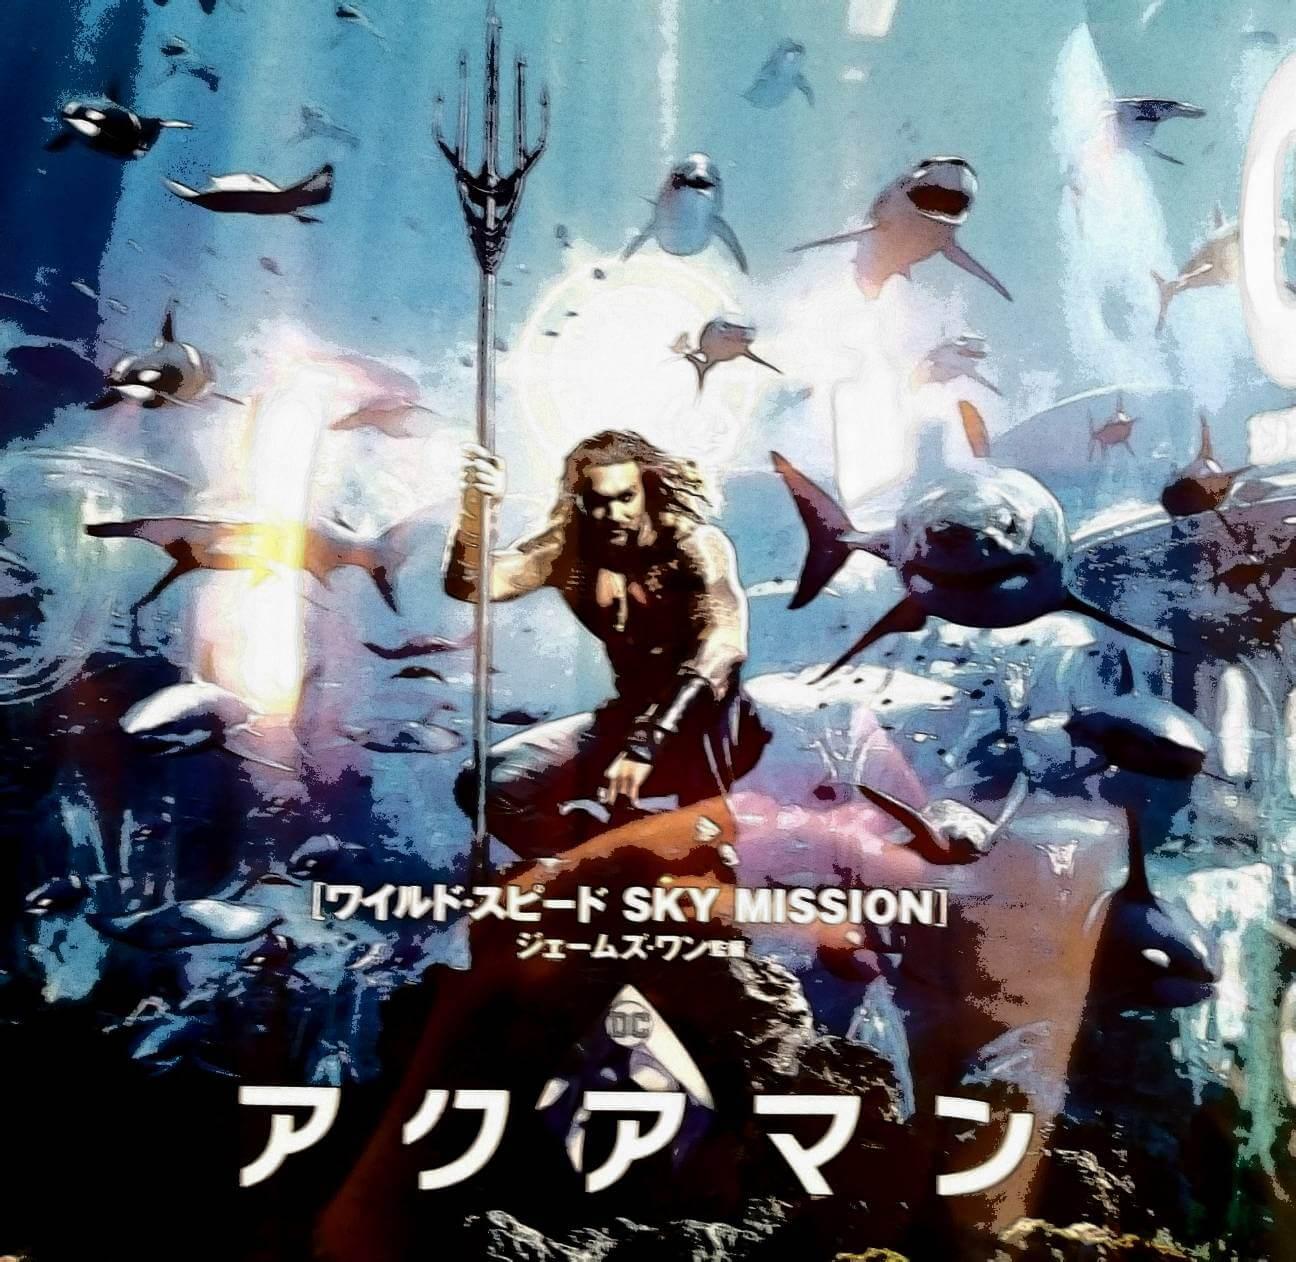 映画『アクアマン』観てきた!水族館行きたくなる映画